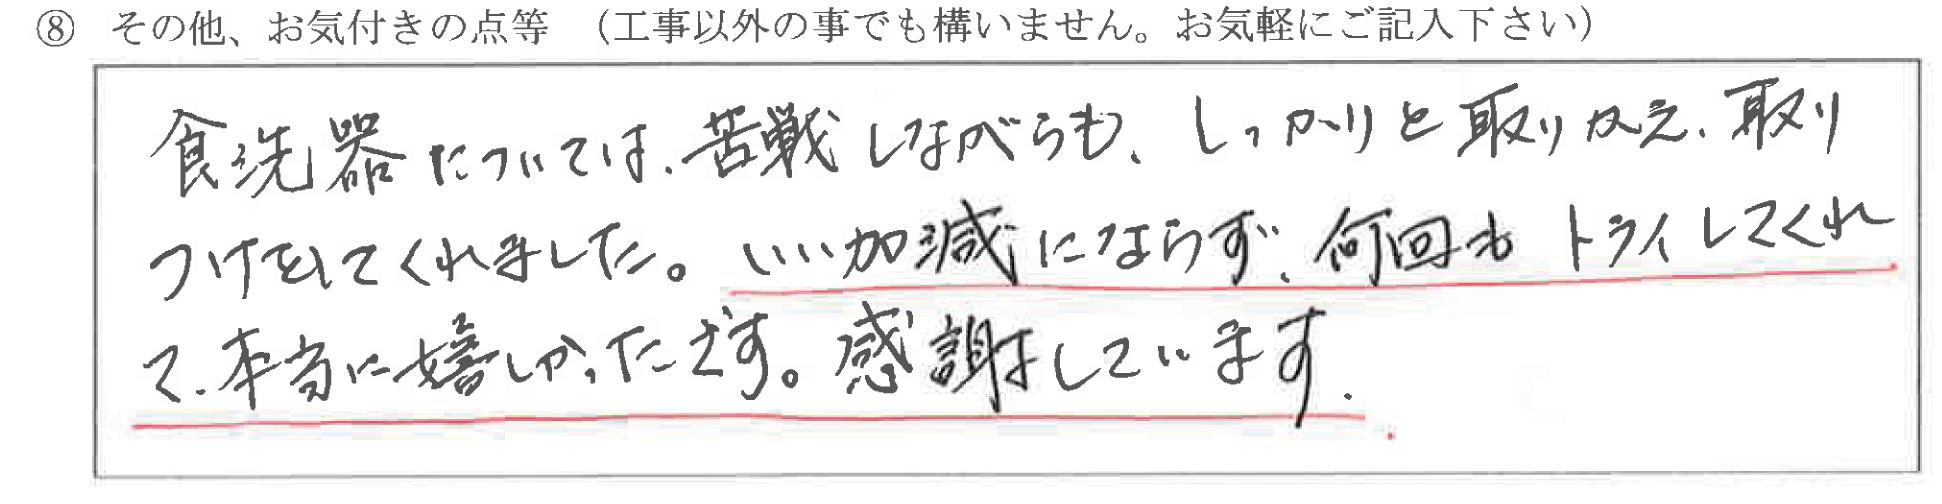 石川県野々市市K様に頂いた食洗器入替工事についてのお気づきの点がありましたら、お聞かせ下さい。というご質問について「食洗器入替工事【お喜びの声】」というお声についての画像